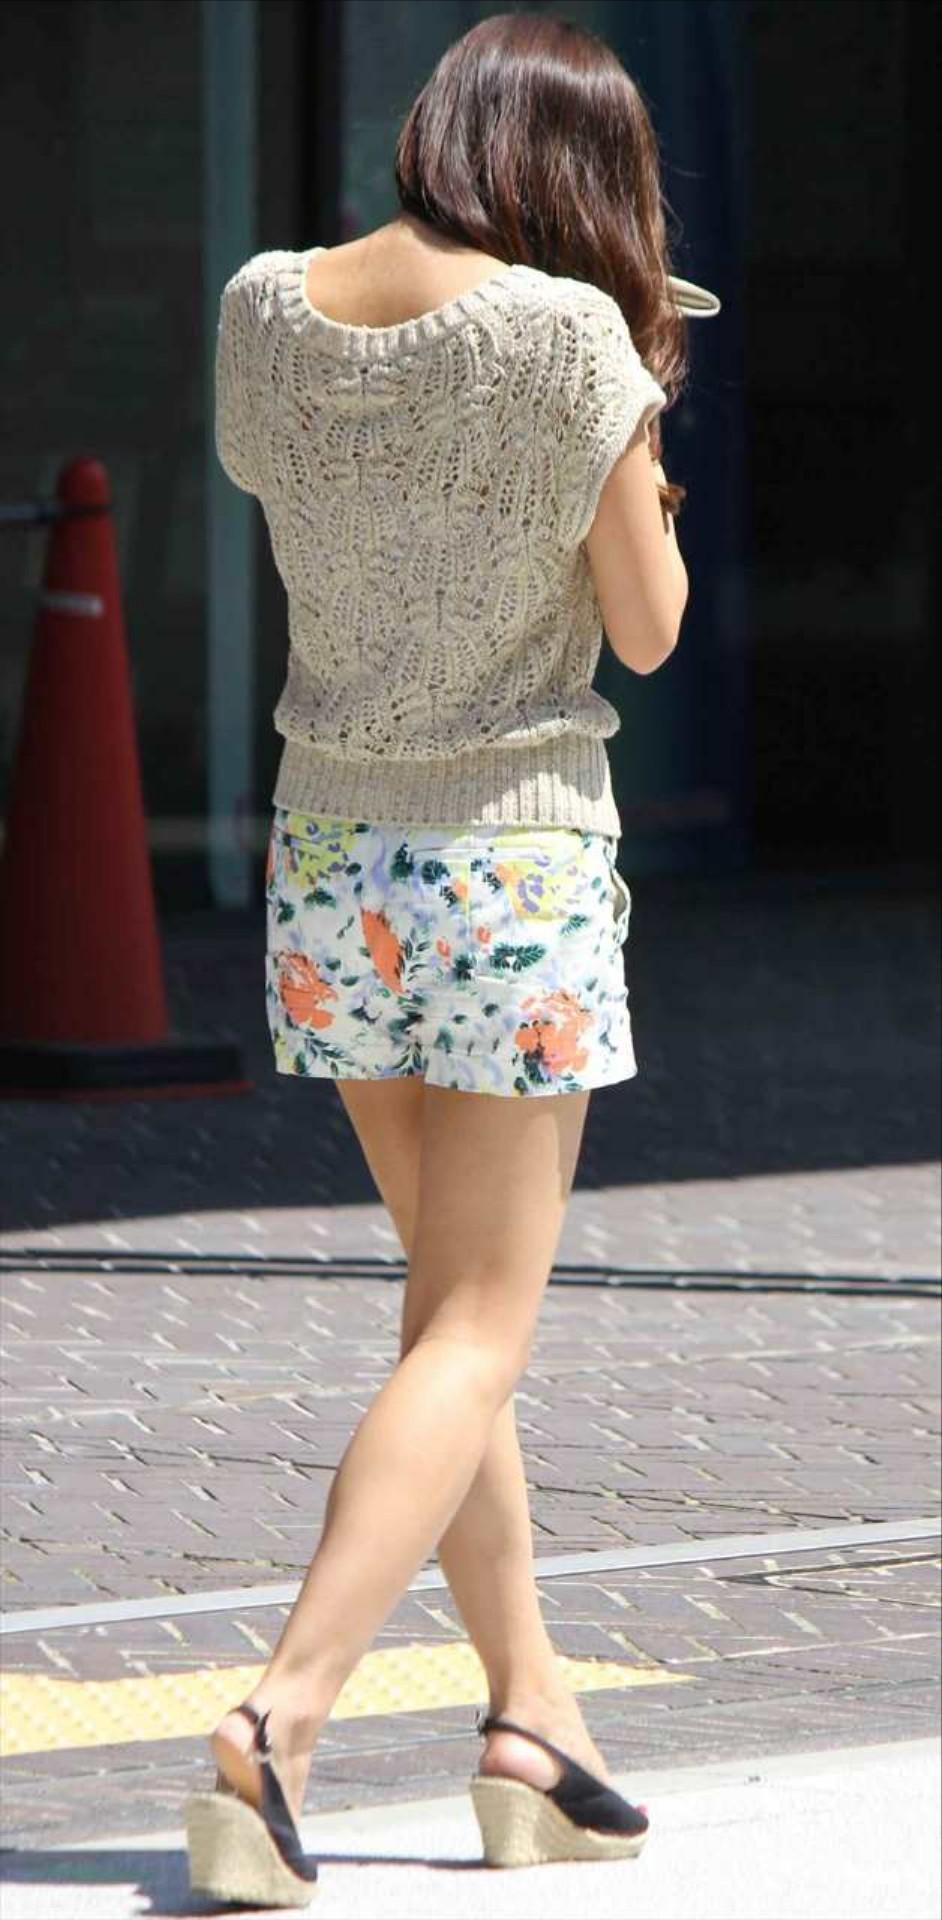 急に飛び込んでくる街中で見る美脚女子のエロ画像33枚・38枚目の画像